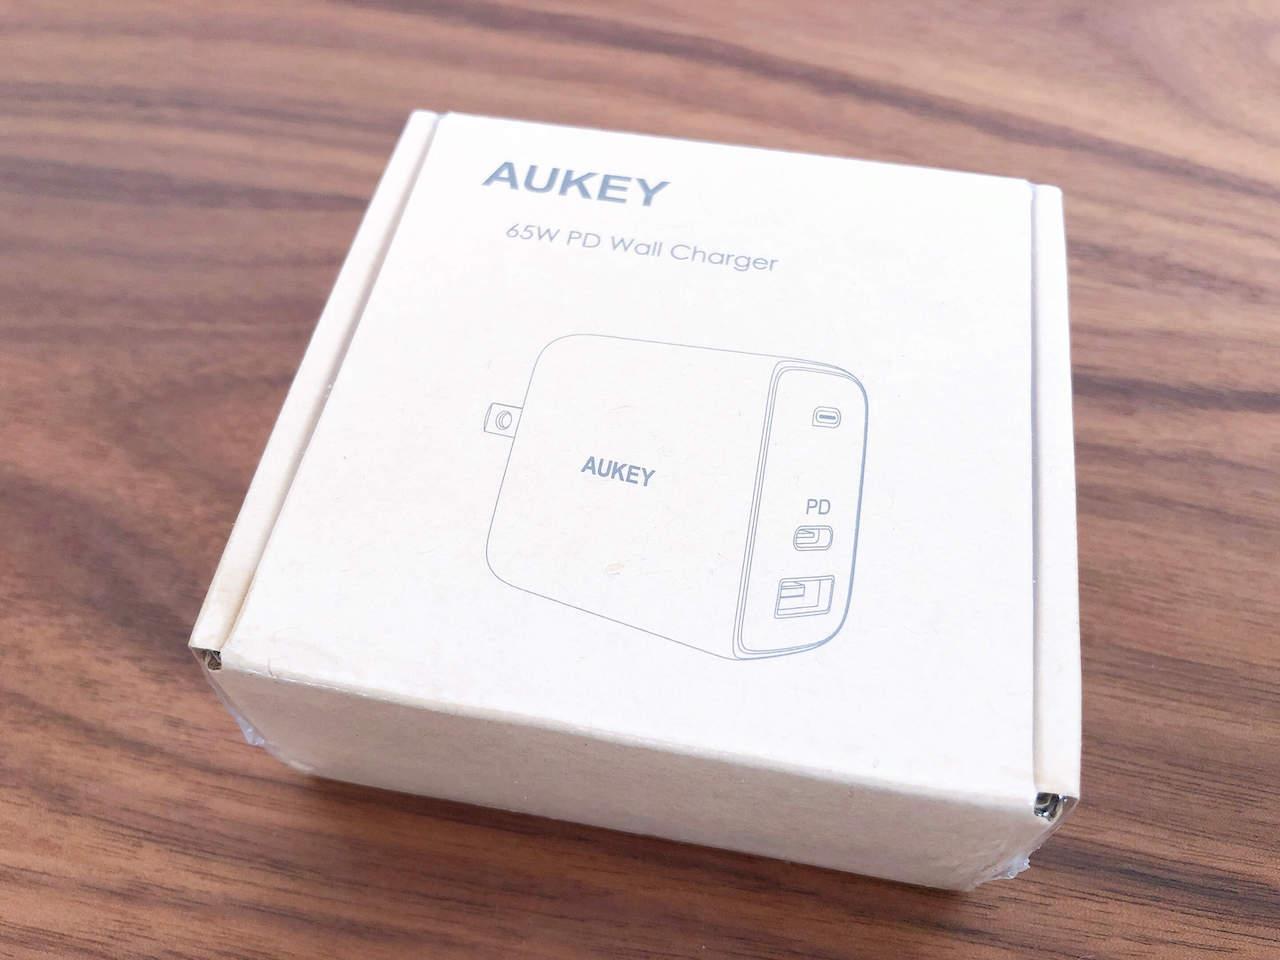 AukeyのUSB充電器「65W Omnia USB充電器 PA-B3」の写真です。